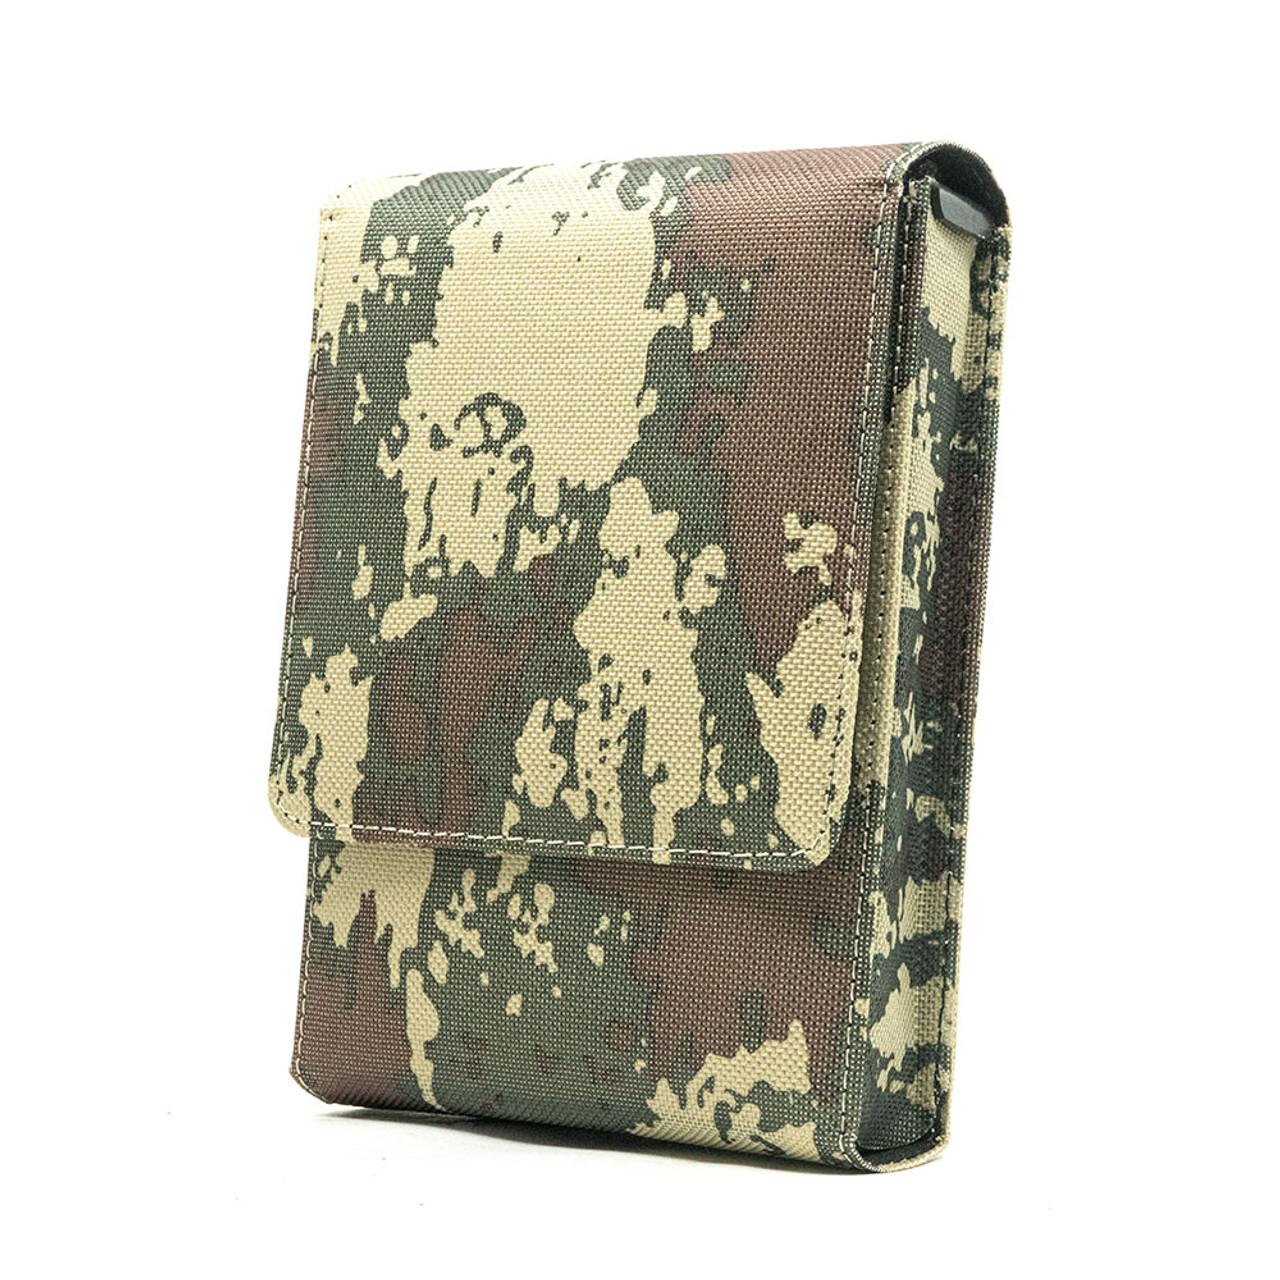 Taurus G2C Camouflage Nylon Series Holster